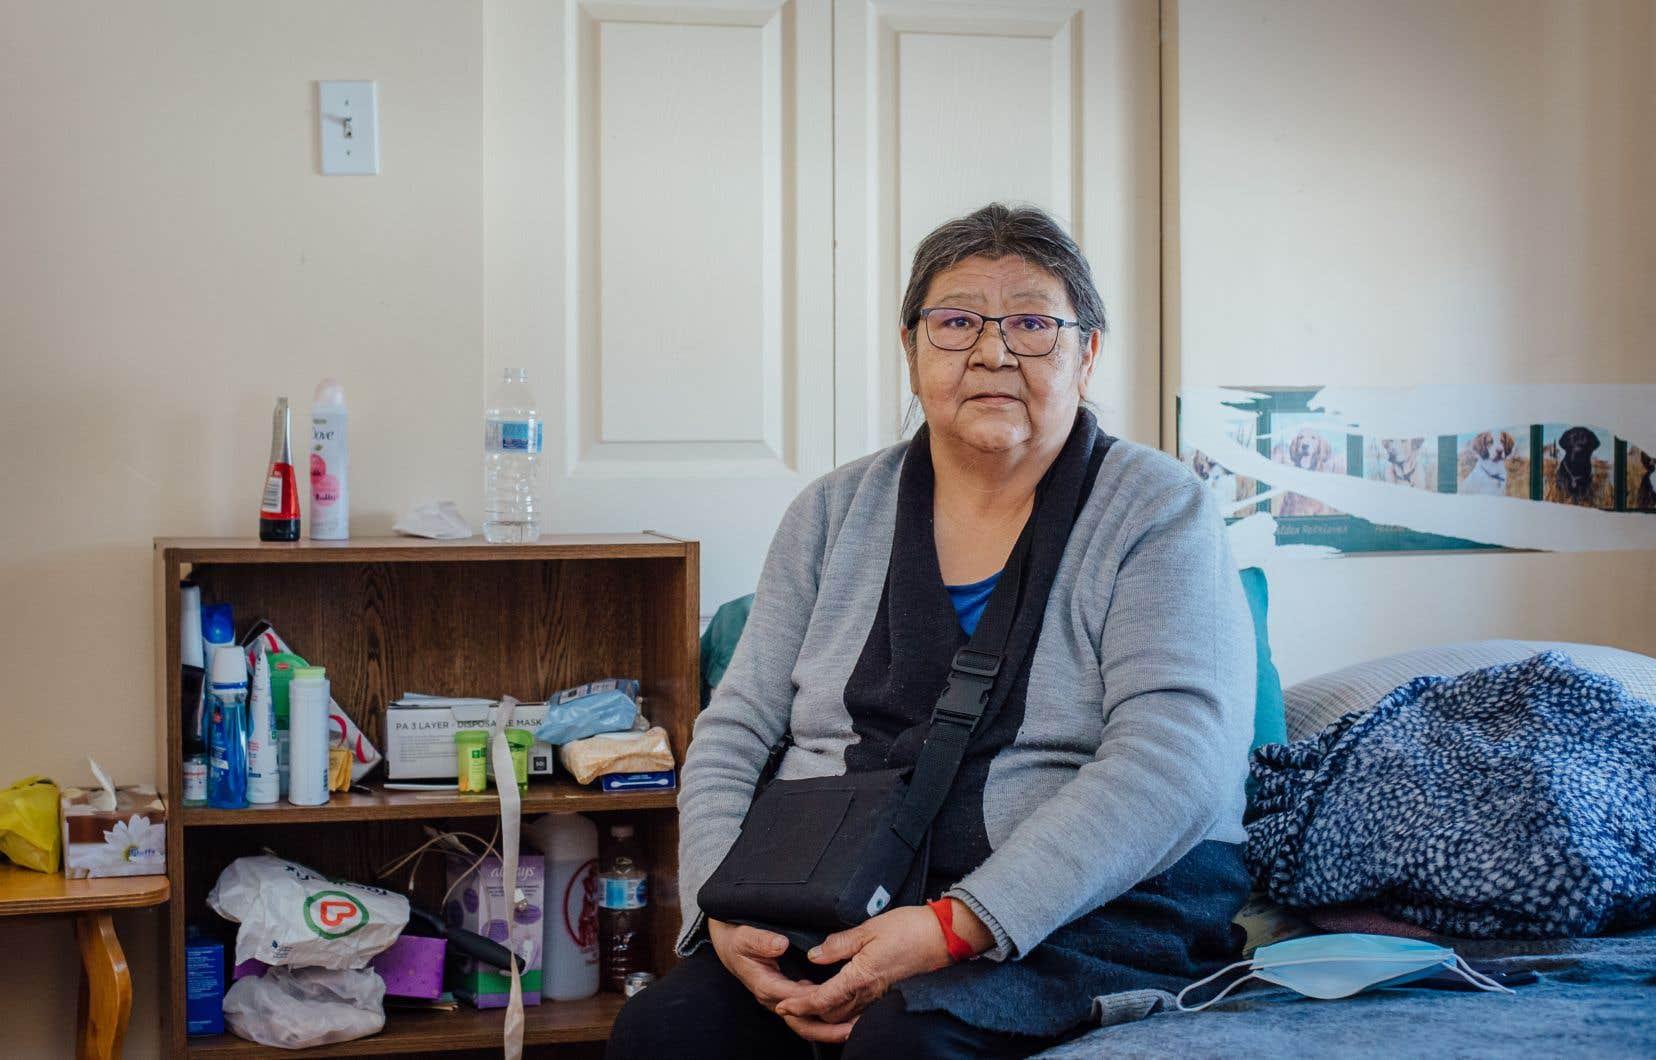 Les infirmières n'ont pas voulu se moquer de Jocelyne Ottawa (photo), selon le président du Syndicatinterprofessionnel de Lanaudière. Elles ont plutôt tenté d'appliquer ce qu'elles avaient appris lors de la formation en sécurisation culturelle.